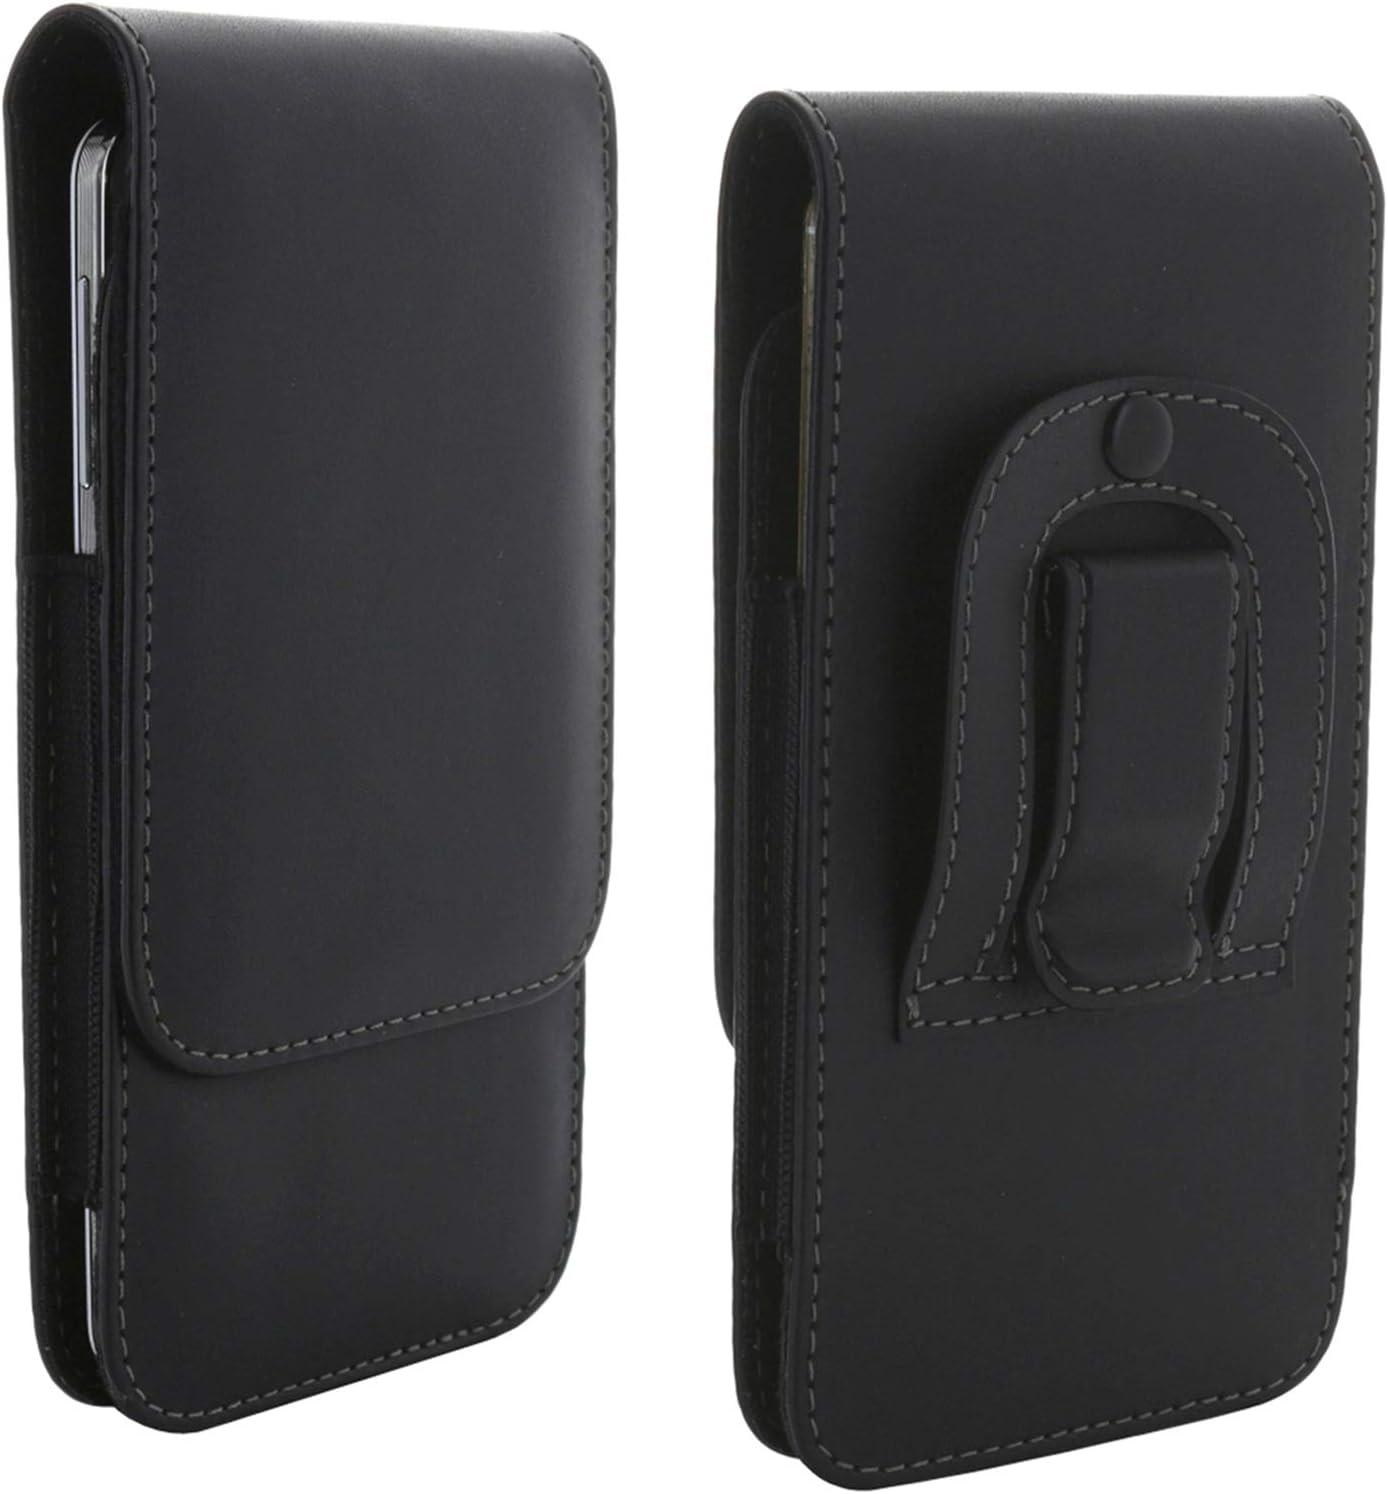 Handy Gürteltasche Mit Clip 4xl 3 2 Tasche Kompatibel Elektronik